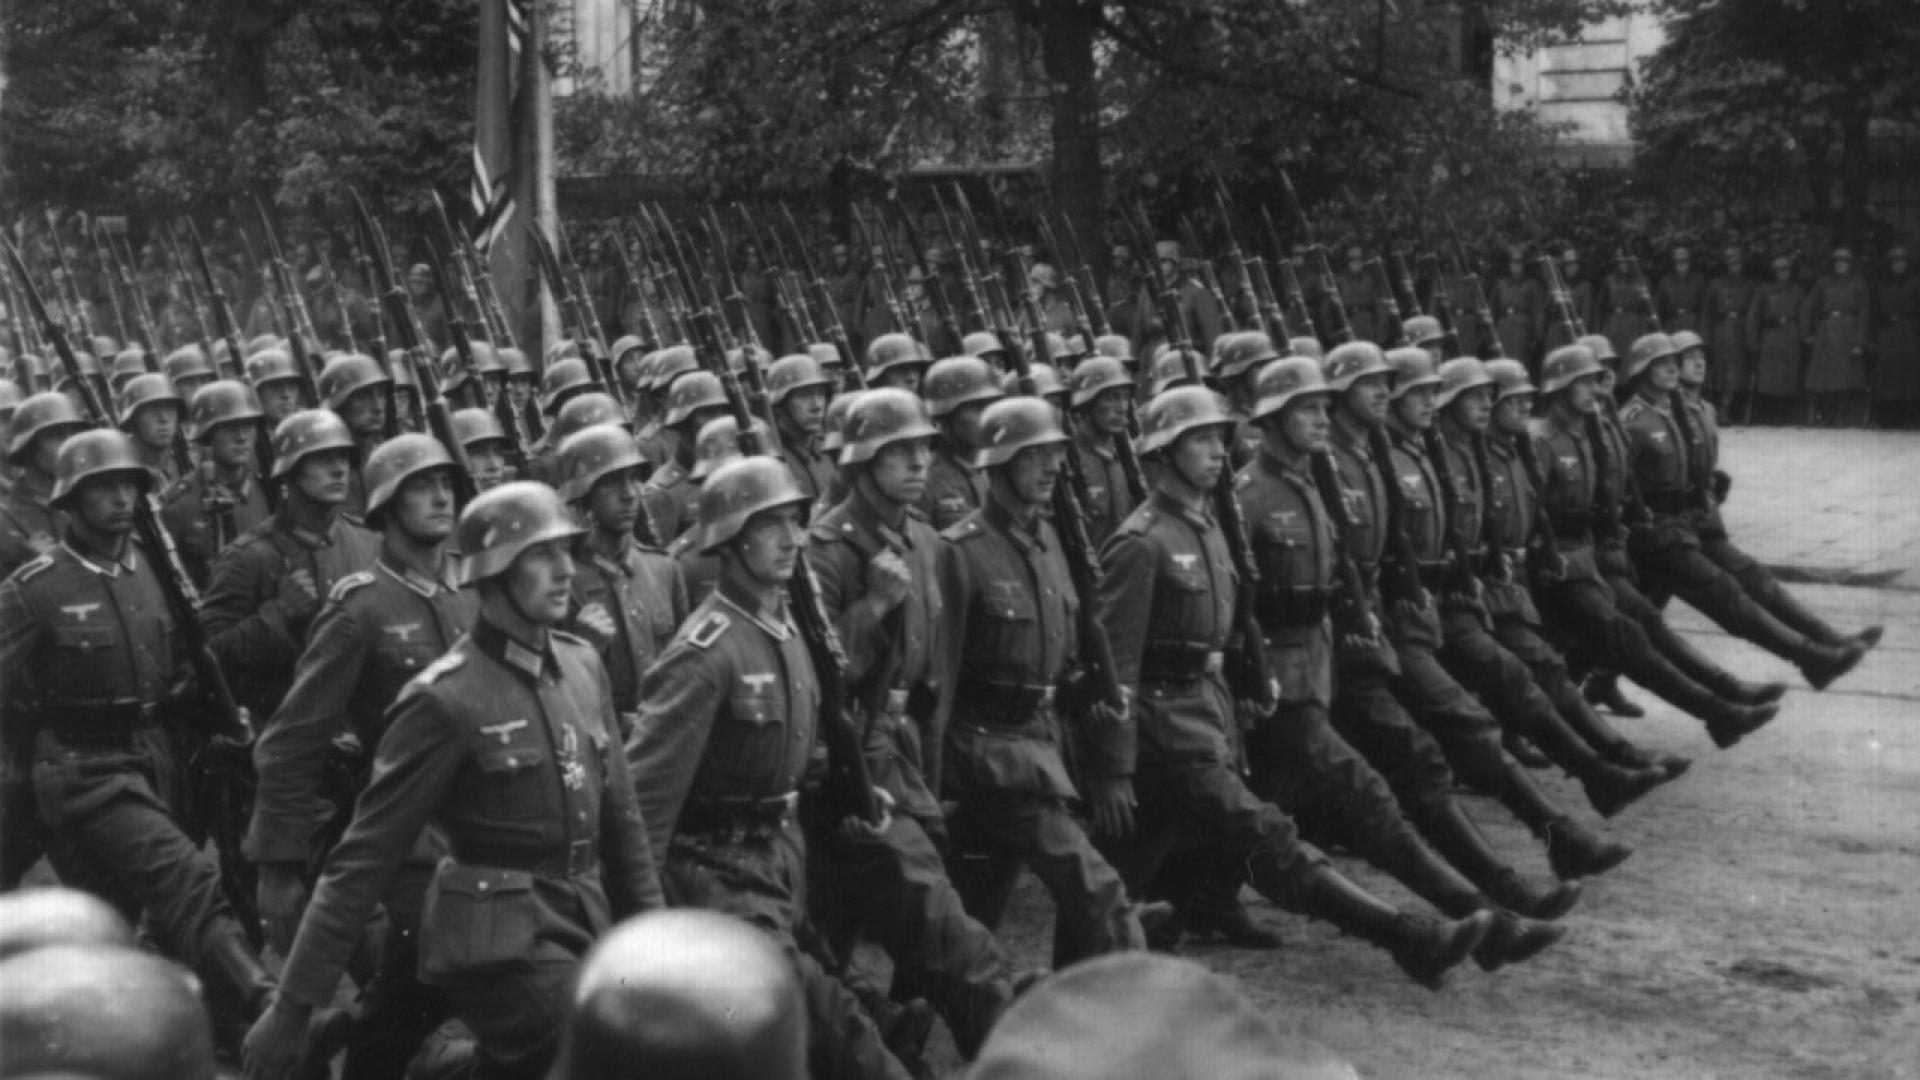 Немецкая военная форма во Вторую мировую войну